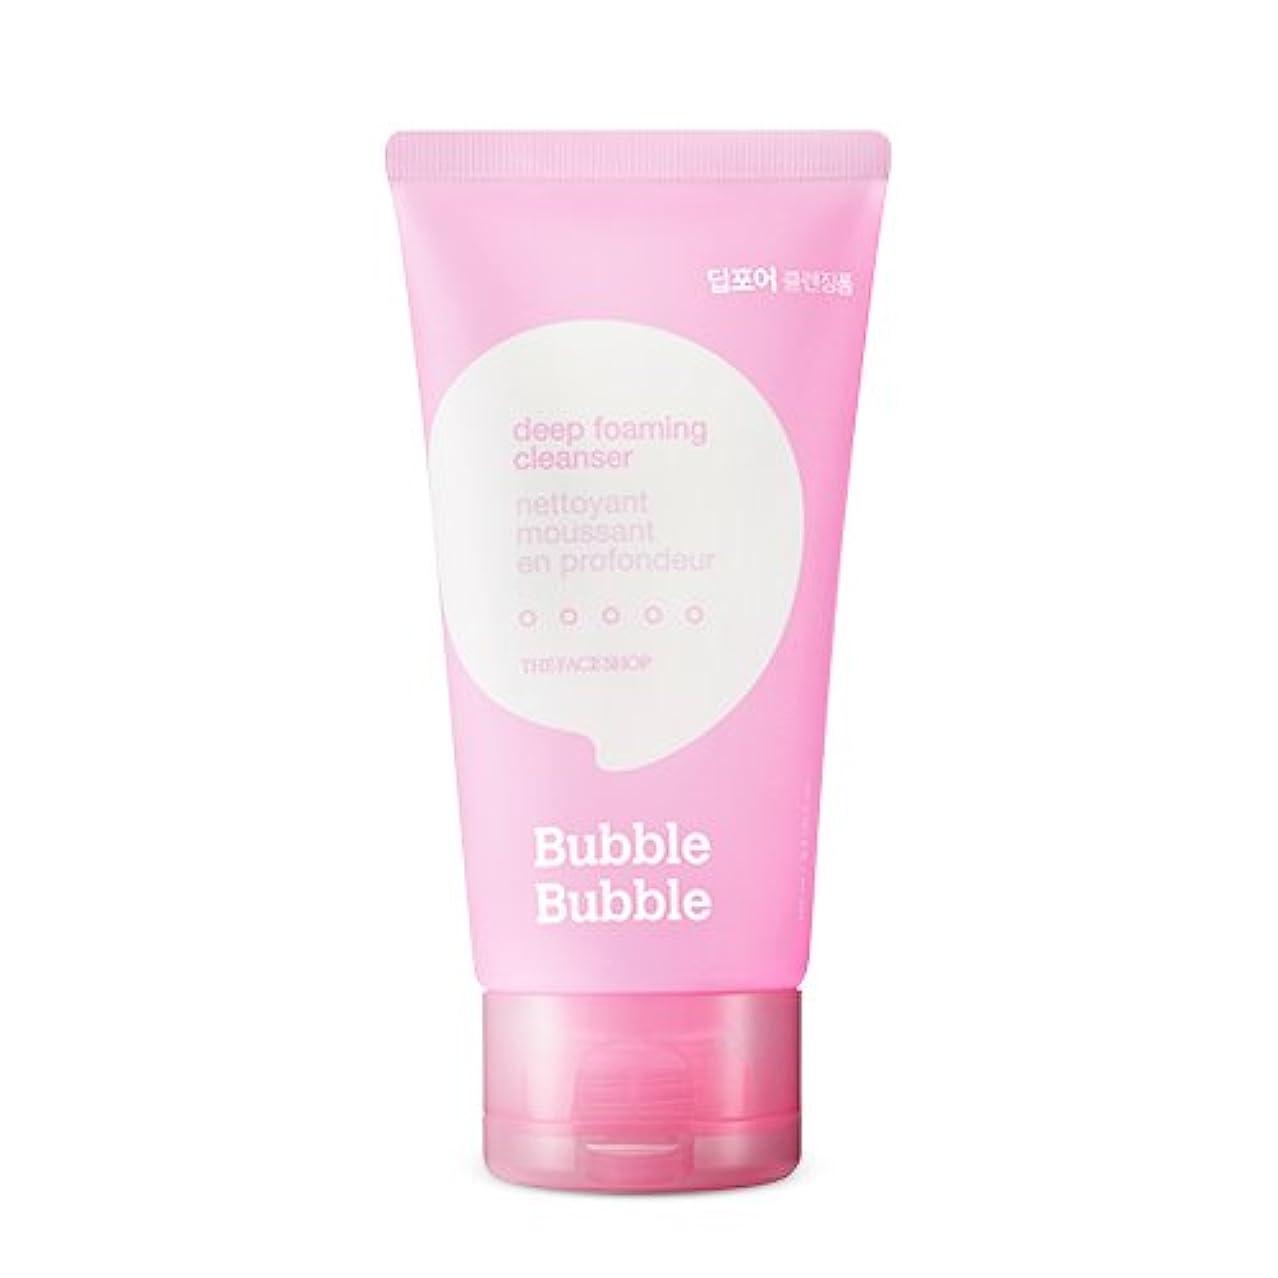 落胆させる変わる暗殺THE FACE SHOP Bubble Bubble Foaming Cleanser 100ml/ザフェイスショップ バブル バブル フォーミング クレンザー 100ml (#Deep(ディープポア)) [並行輸入品]